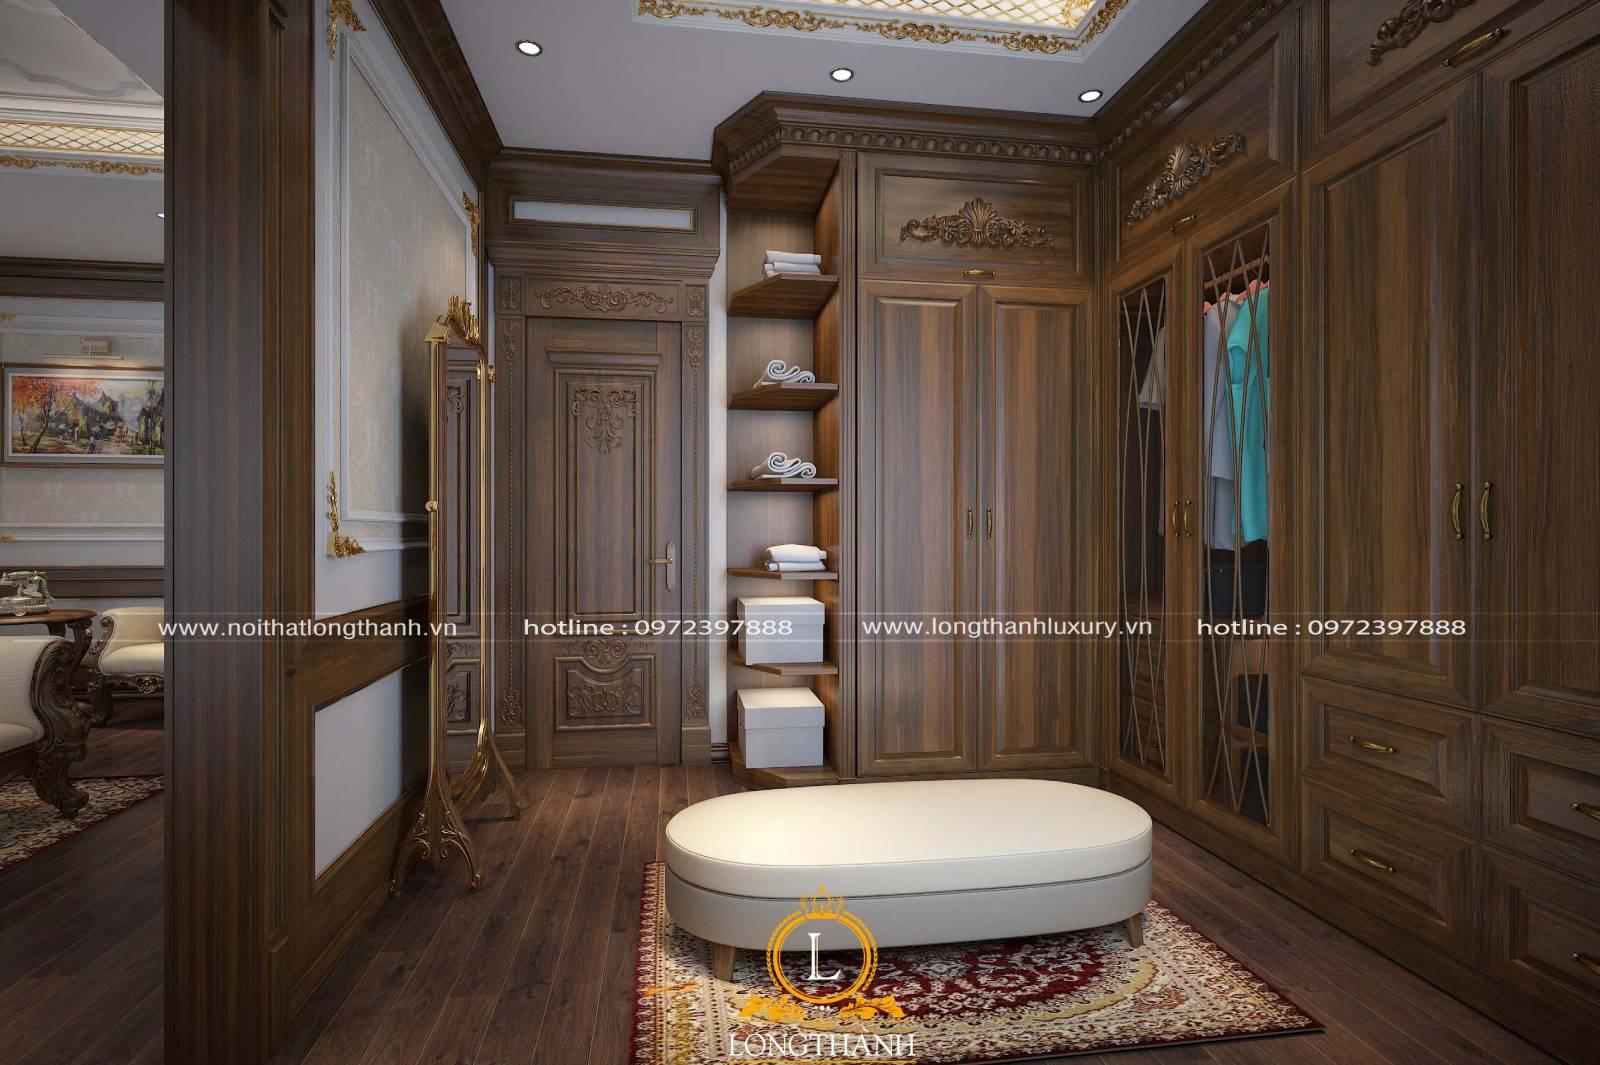 Cửa gỗ tự nhiên cho phòng ngủ theo phong cách cổ điển